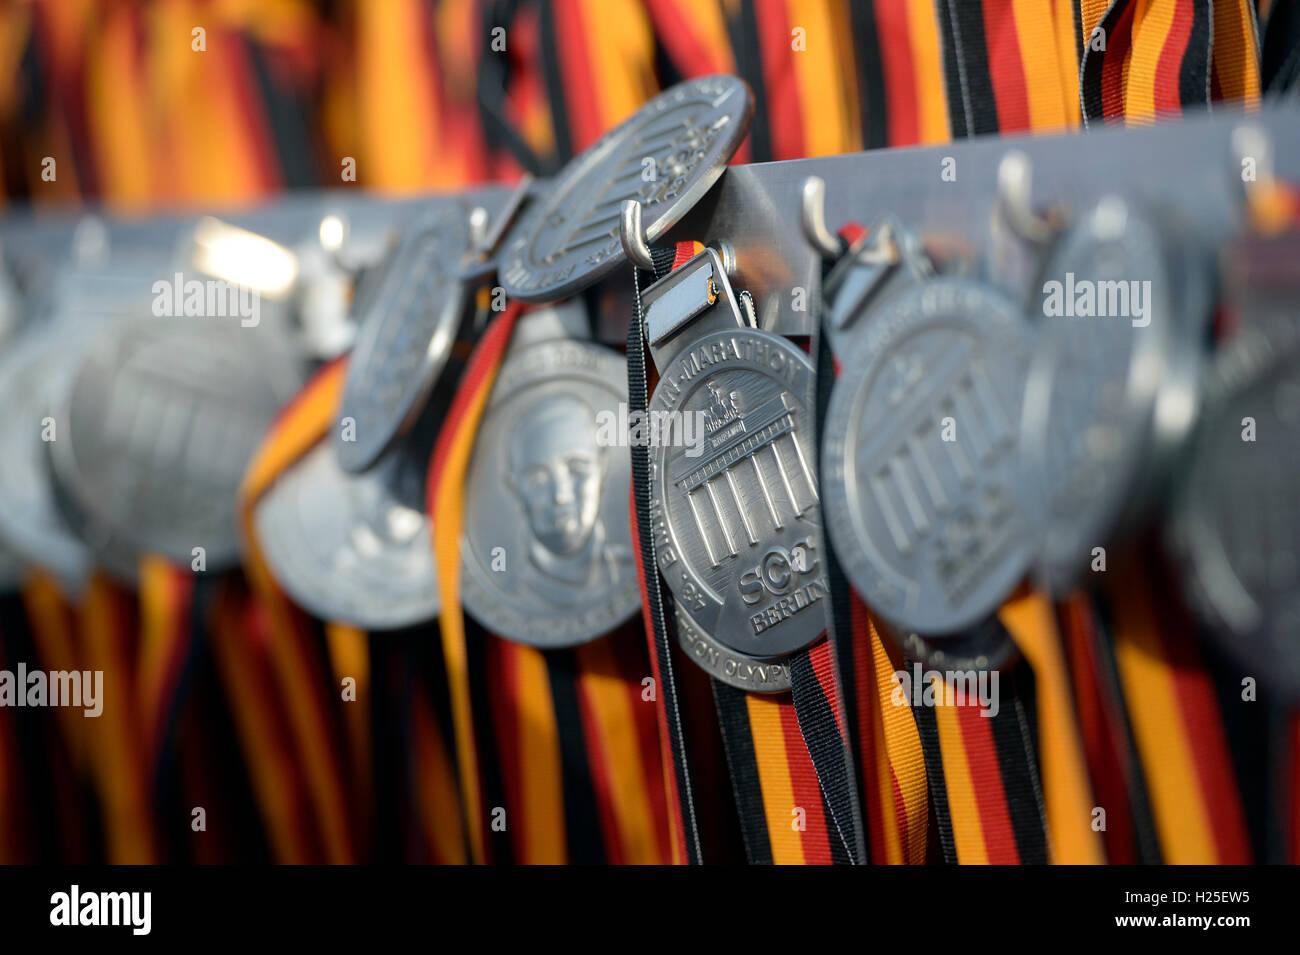 Berlín, Alemania. 25 Sep, 2016. Medallas esperando para los participantes de la 43ª Maratón de Berlín Imagen De Stock